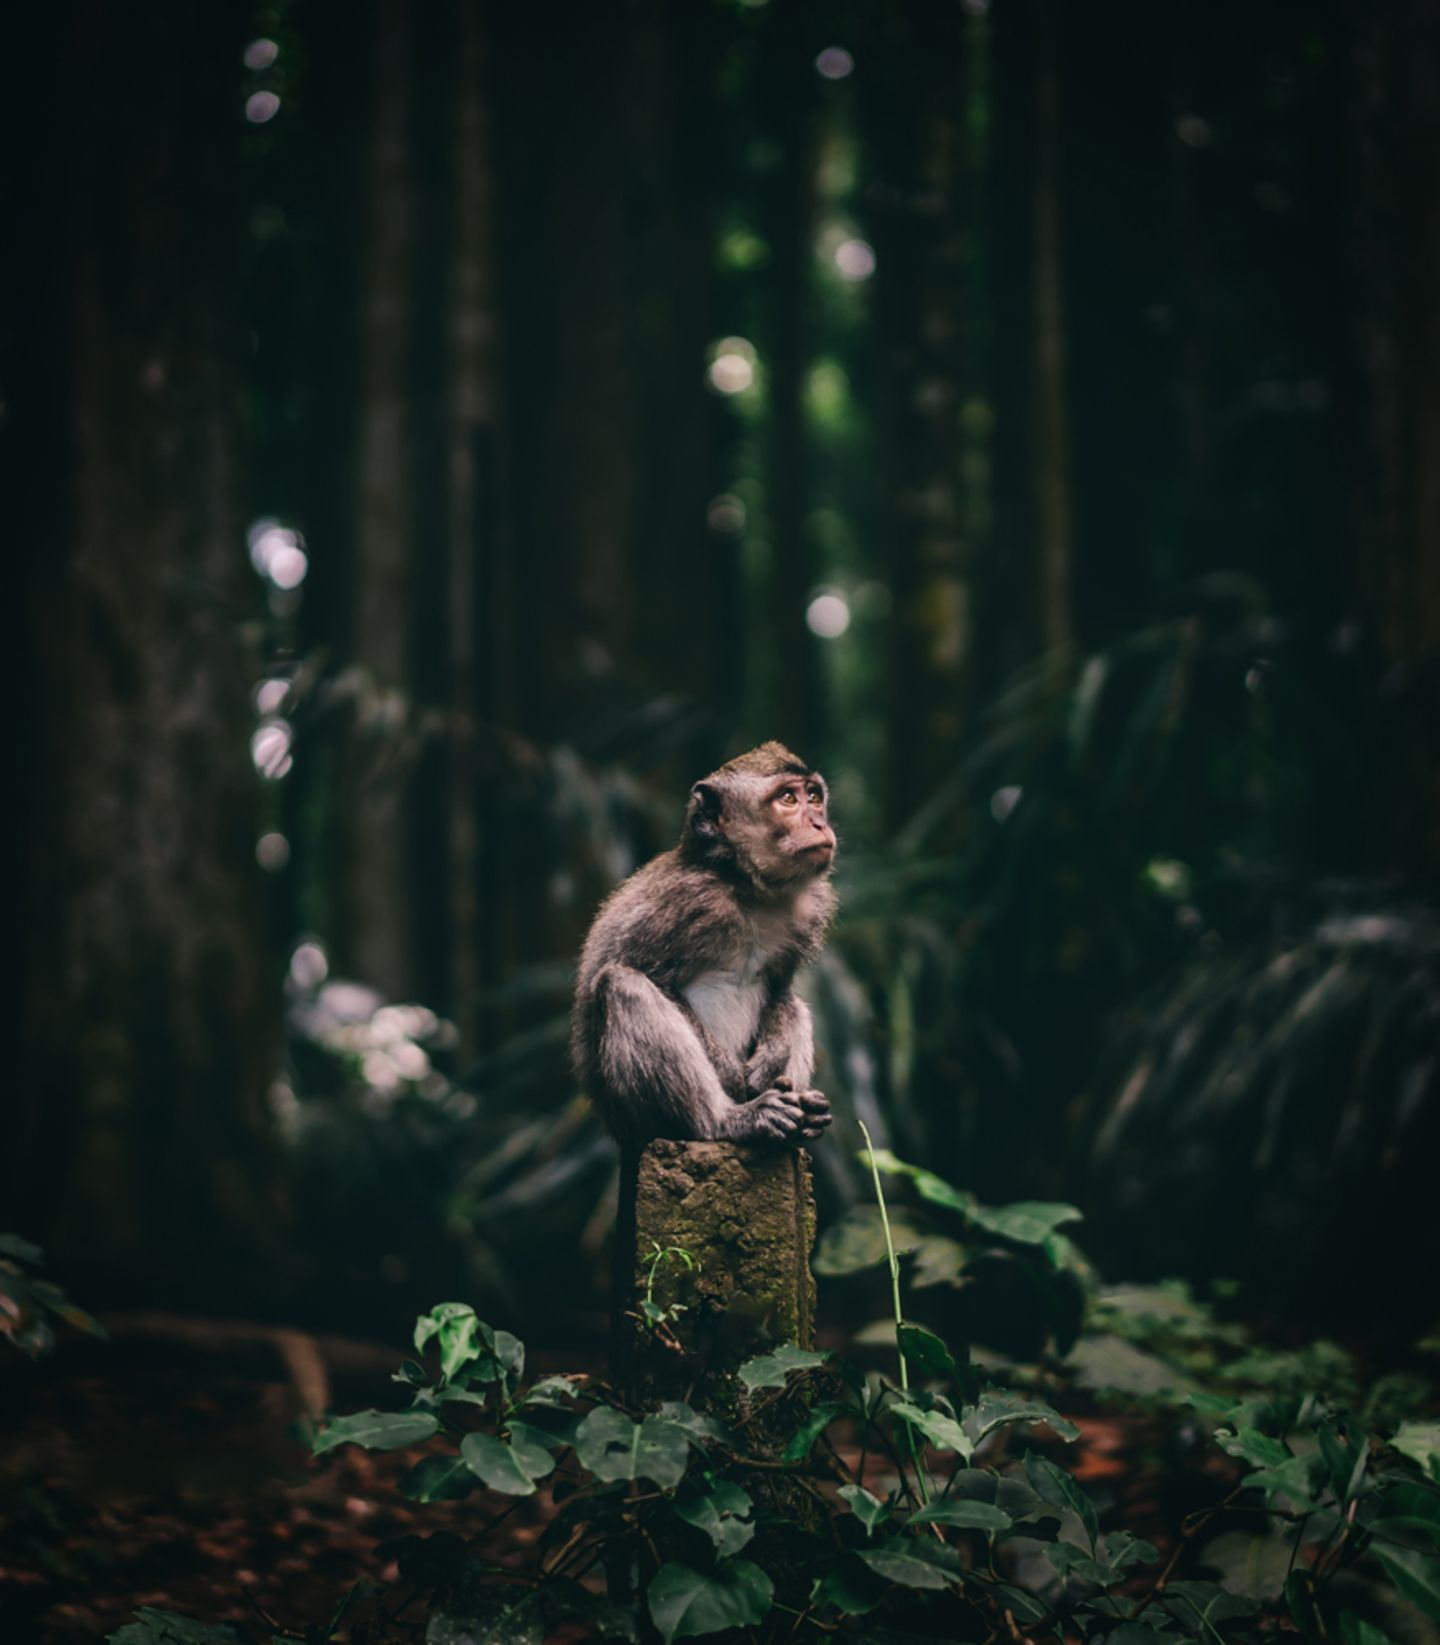 Wondering monkey